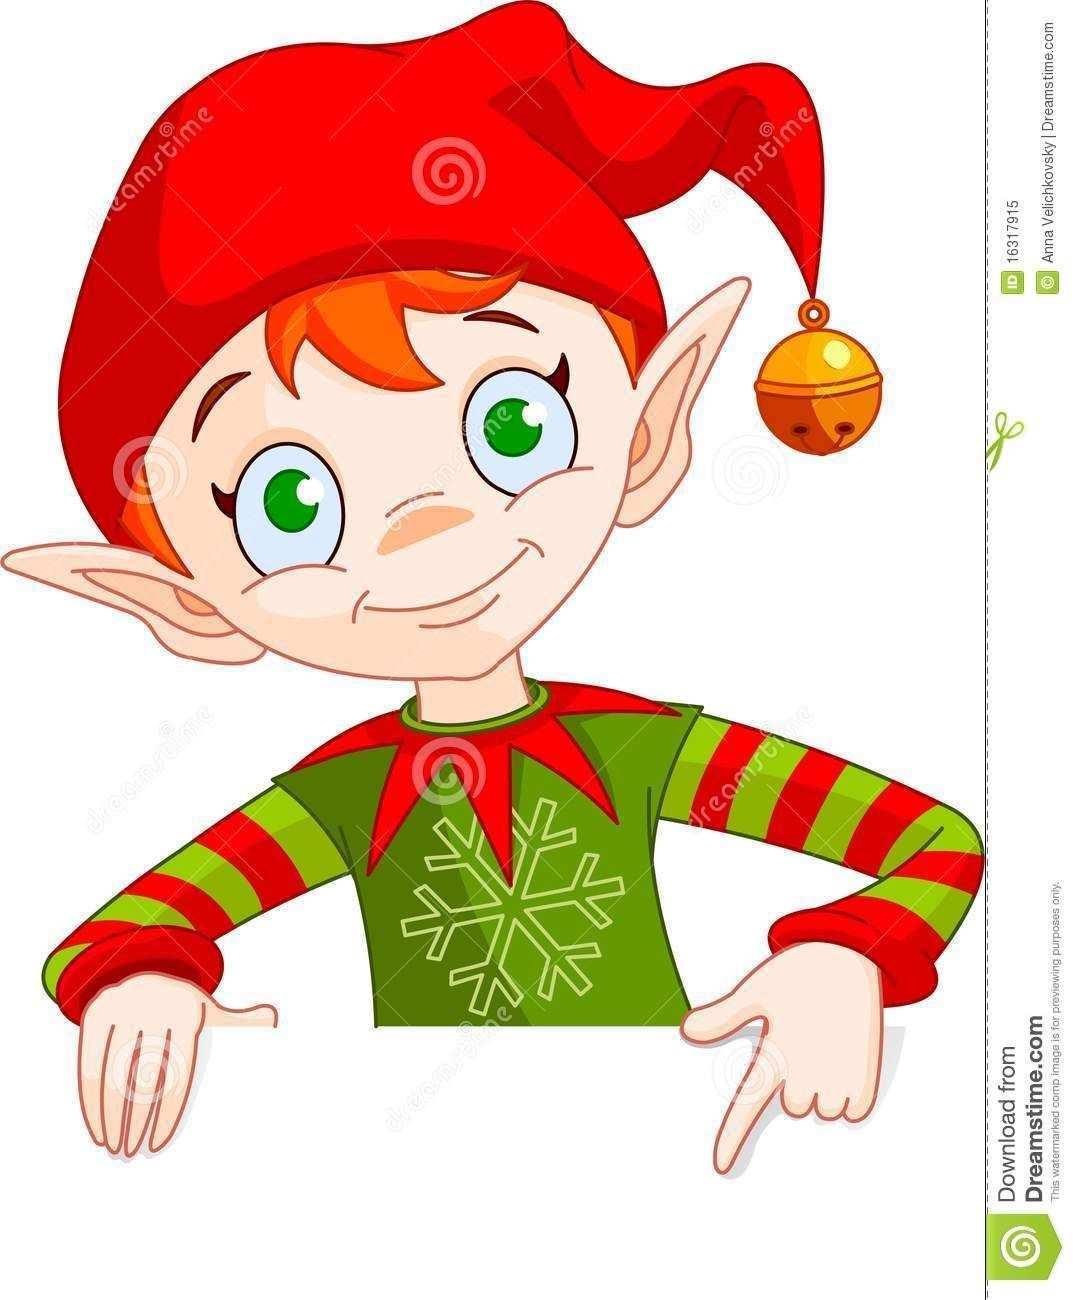 Christmas Elf Invite Place Card 16317915 Jpg 1075 1300 Weihnachtself Weihnachten Zeichen Elf Clipart